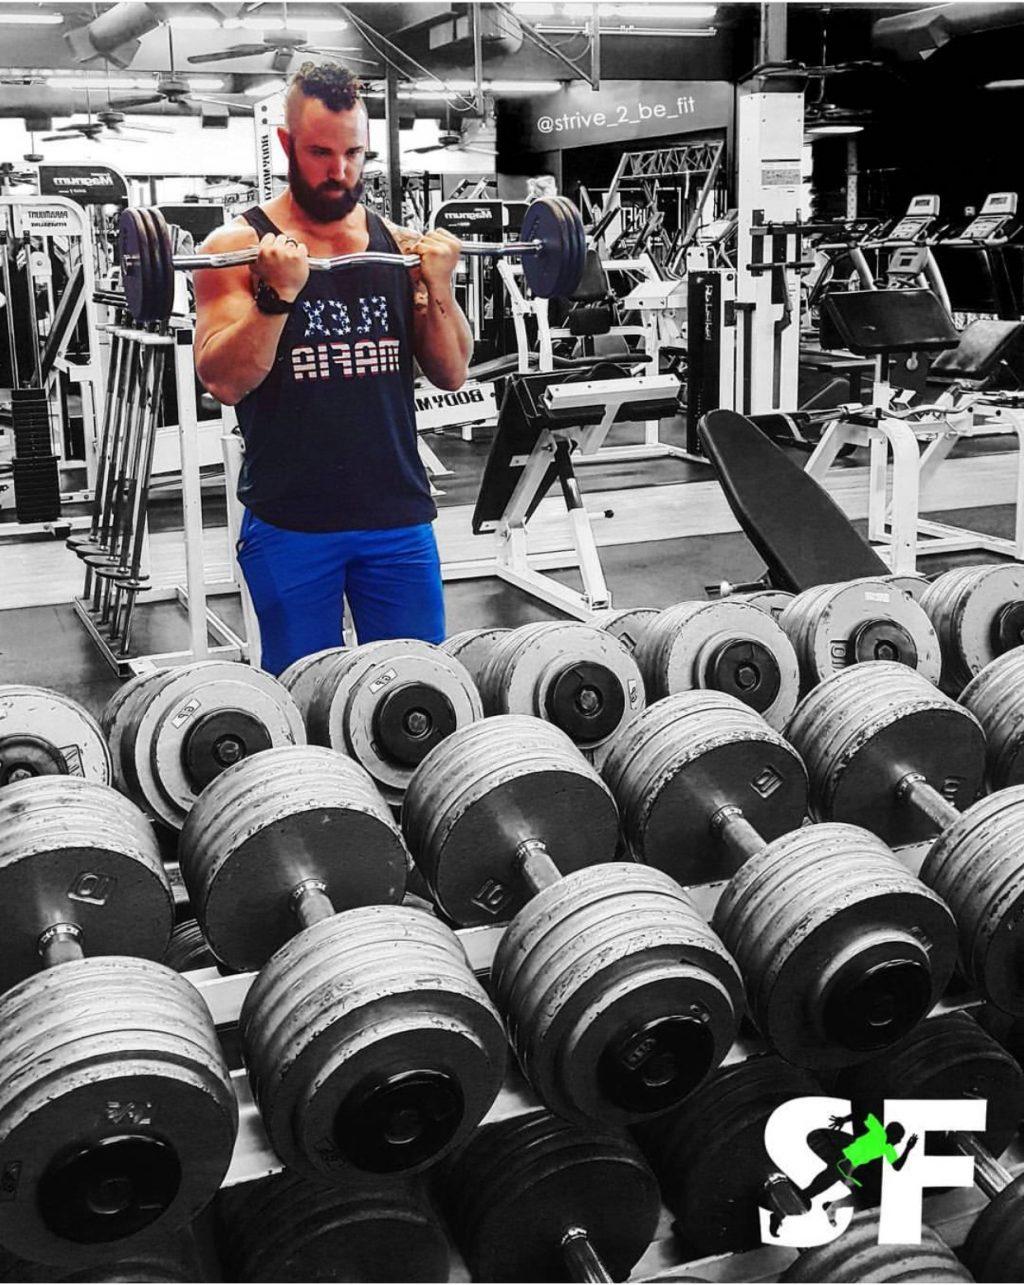 Personal Trainer Austin, Texas - Justin Wecker